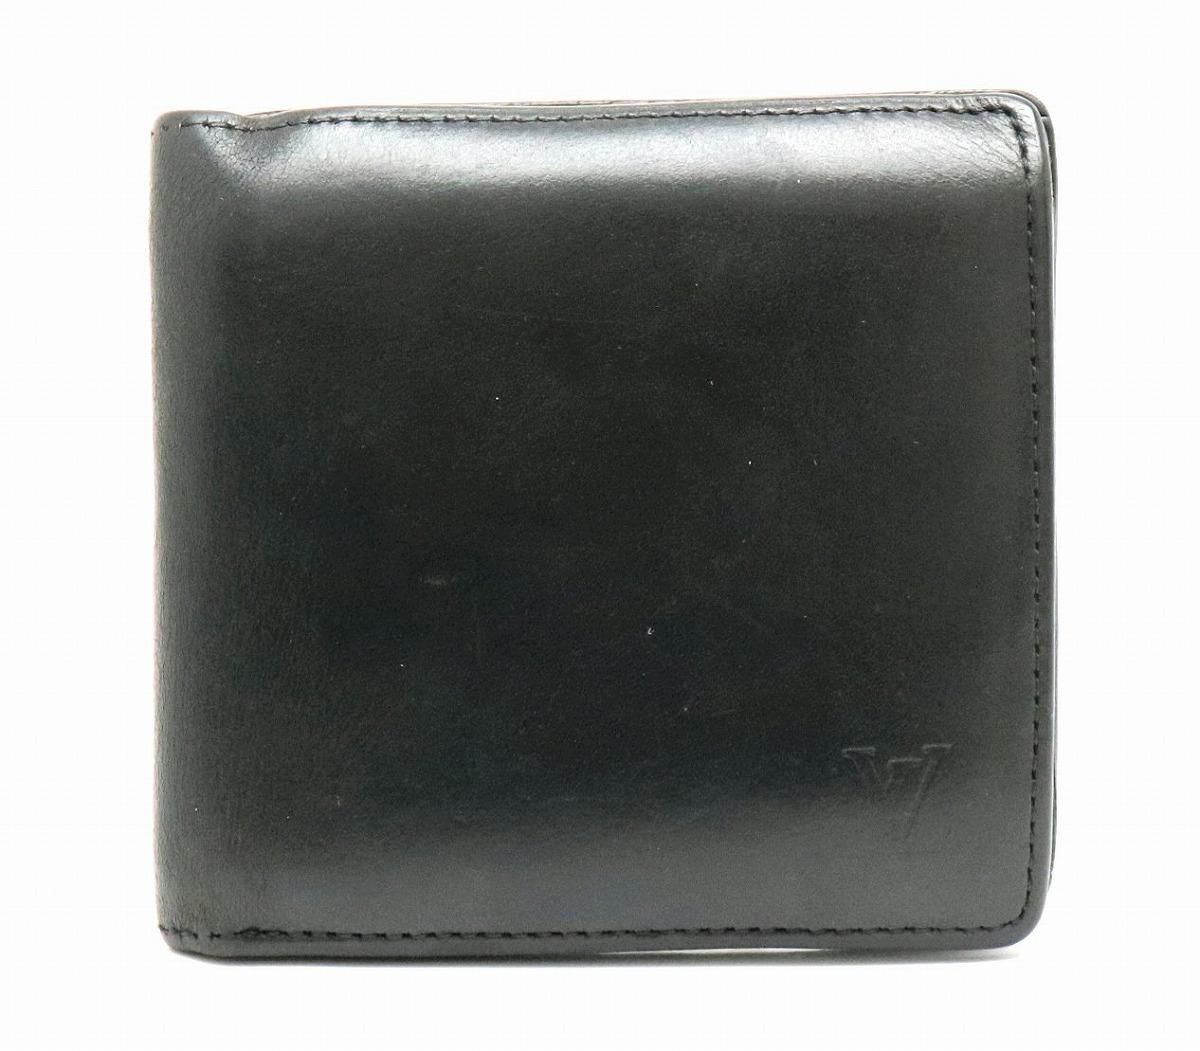 【財布】LOUIS VUITTON ルイ ヴィトン ノマド ポルトフォイユ マルコ 2つ折財布 ノワール 黒 ブラック M85016 【中古】【k】